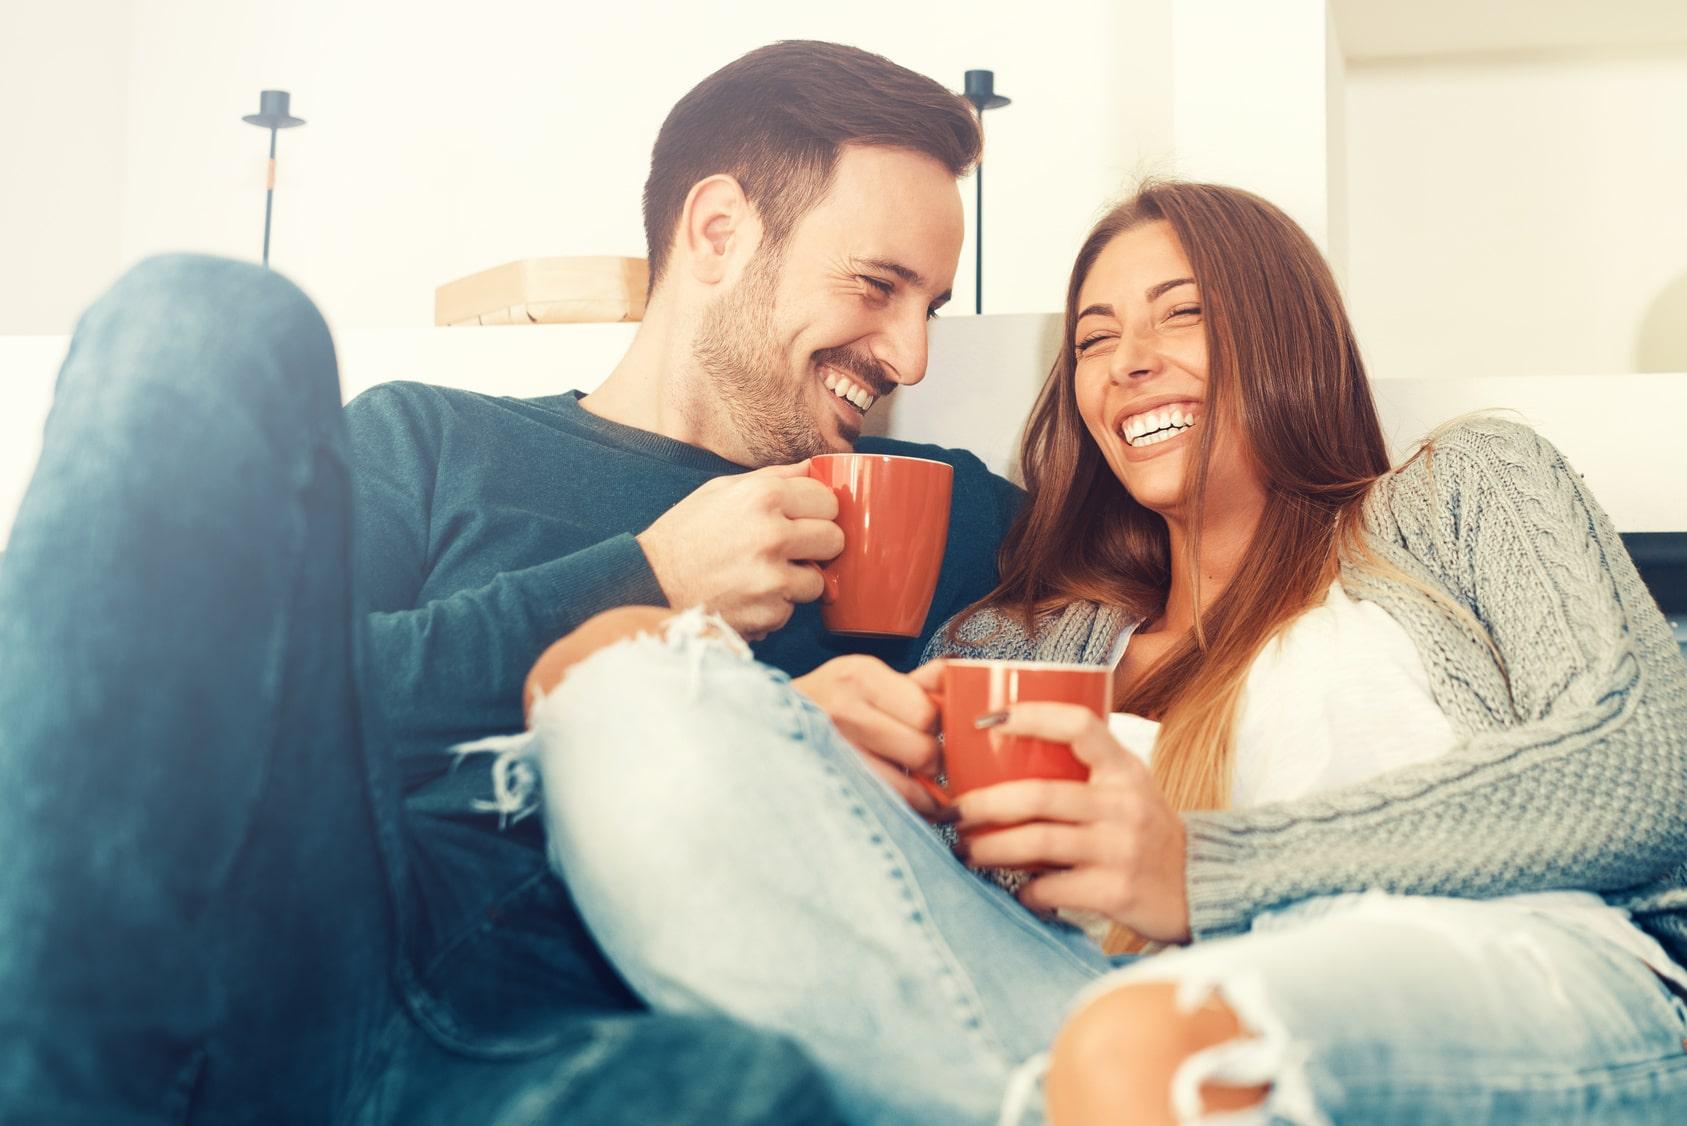 Ein junges Paar sitzt in einem Sofa und lacht Herzhaft zusammen. Beide halten dabei eine rote Tasse Tee in der Hand. Beide machen einen sehr Selbstbewusstsein Eindruck und freuen sich, dass das Programm der unibee Institute geholfen hat, eine gute Balance im Leben zu bekommen. Der Mann hat kurze braune Haare und die Frau hat sehr lange braune Haare. Im Hintergrund ist ein Wohnzimmer mit weissen Möbeln zu sehen.